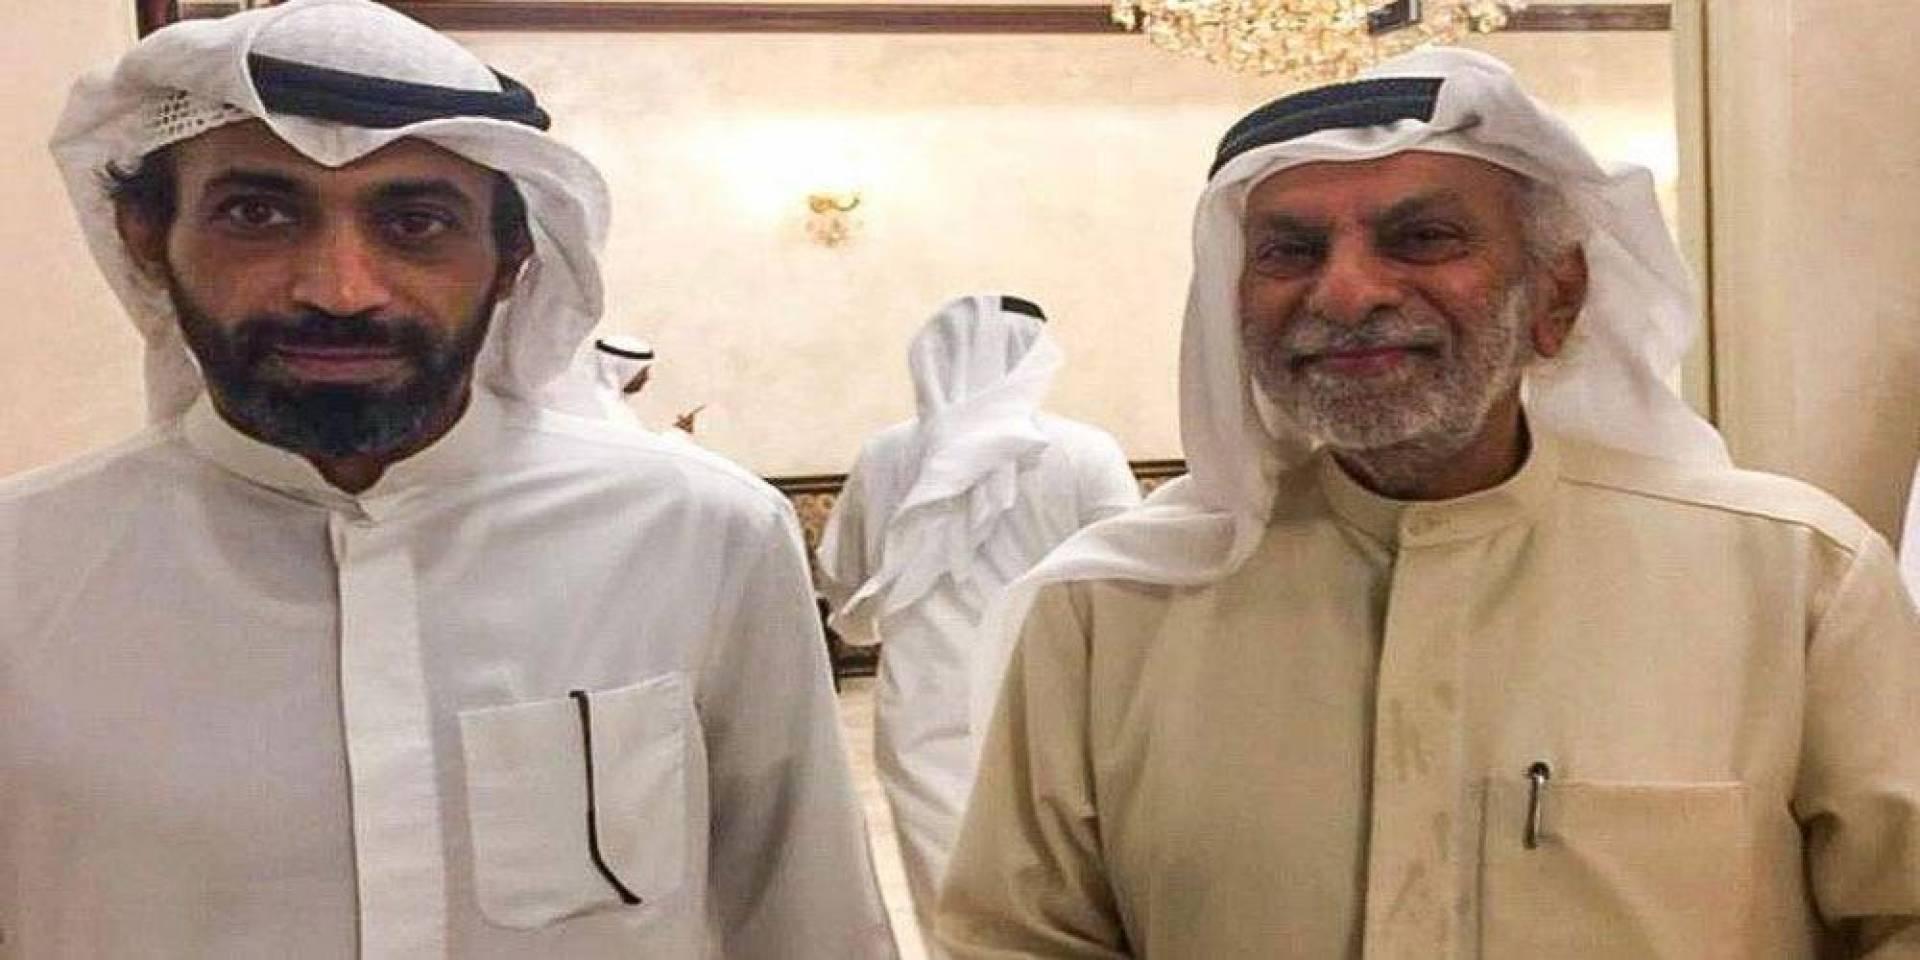 صورة أرشيفية تجمع الدكتور عبدالله النفيسي والدكتور عبيد الوسمي.. في مناسبة سابقة